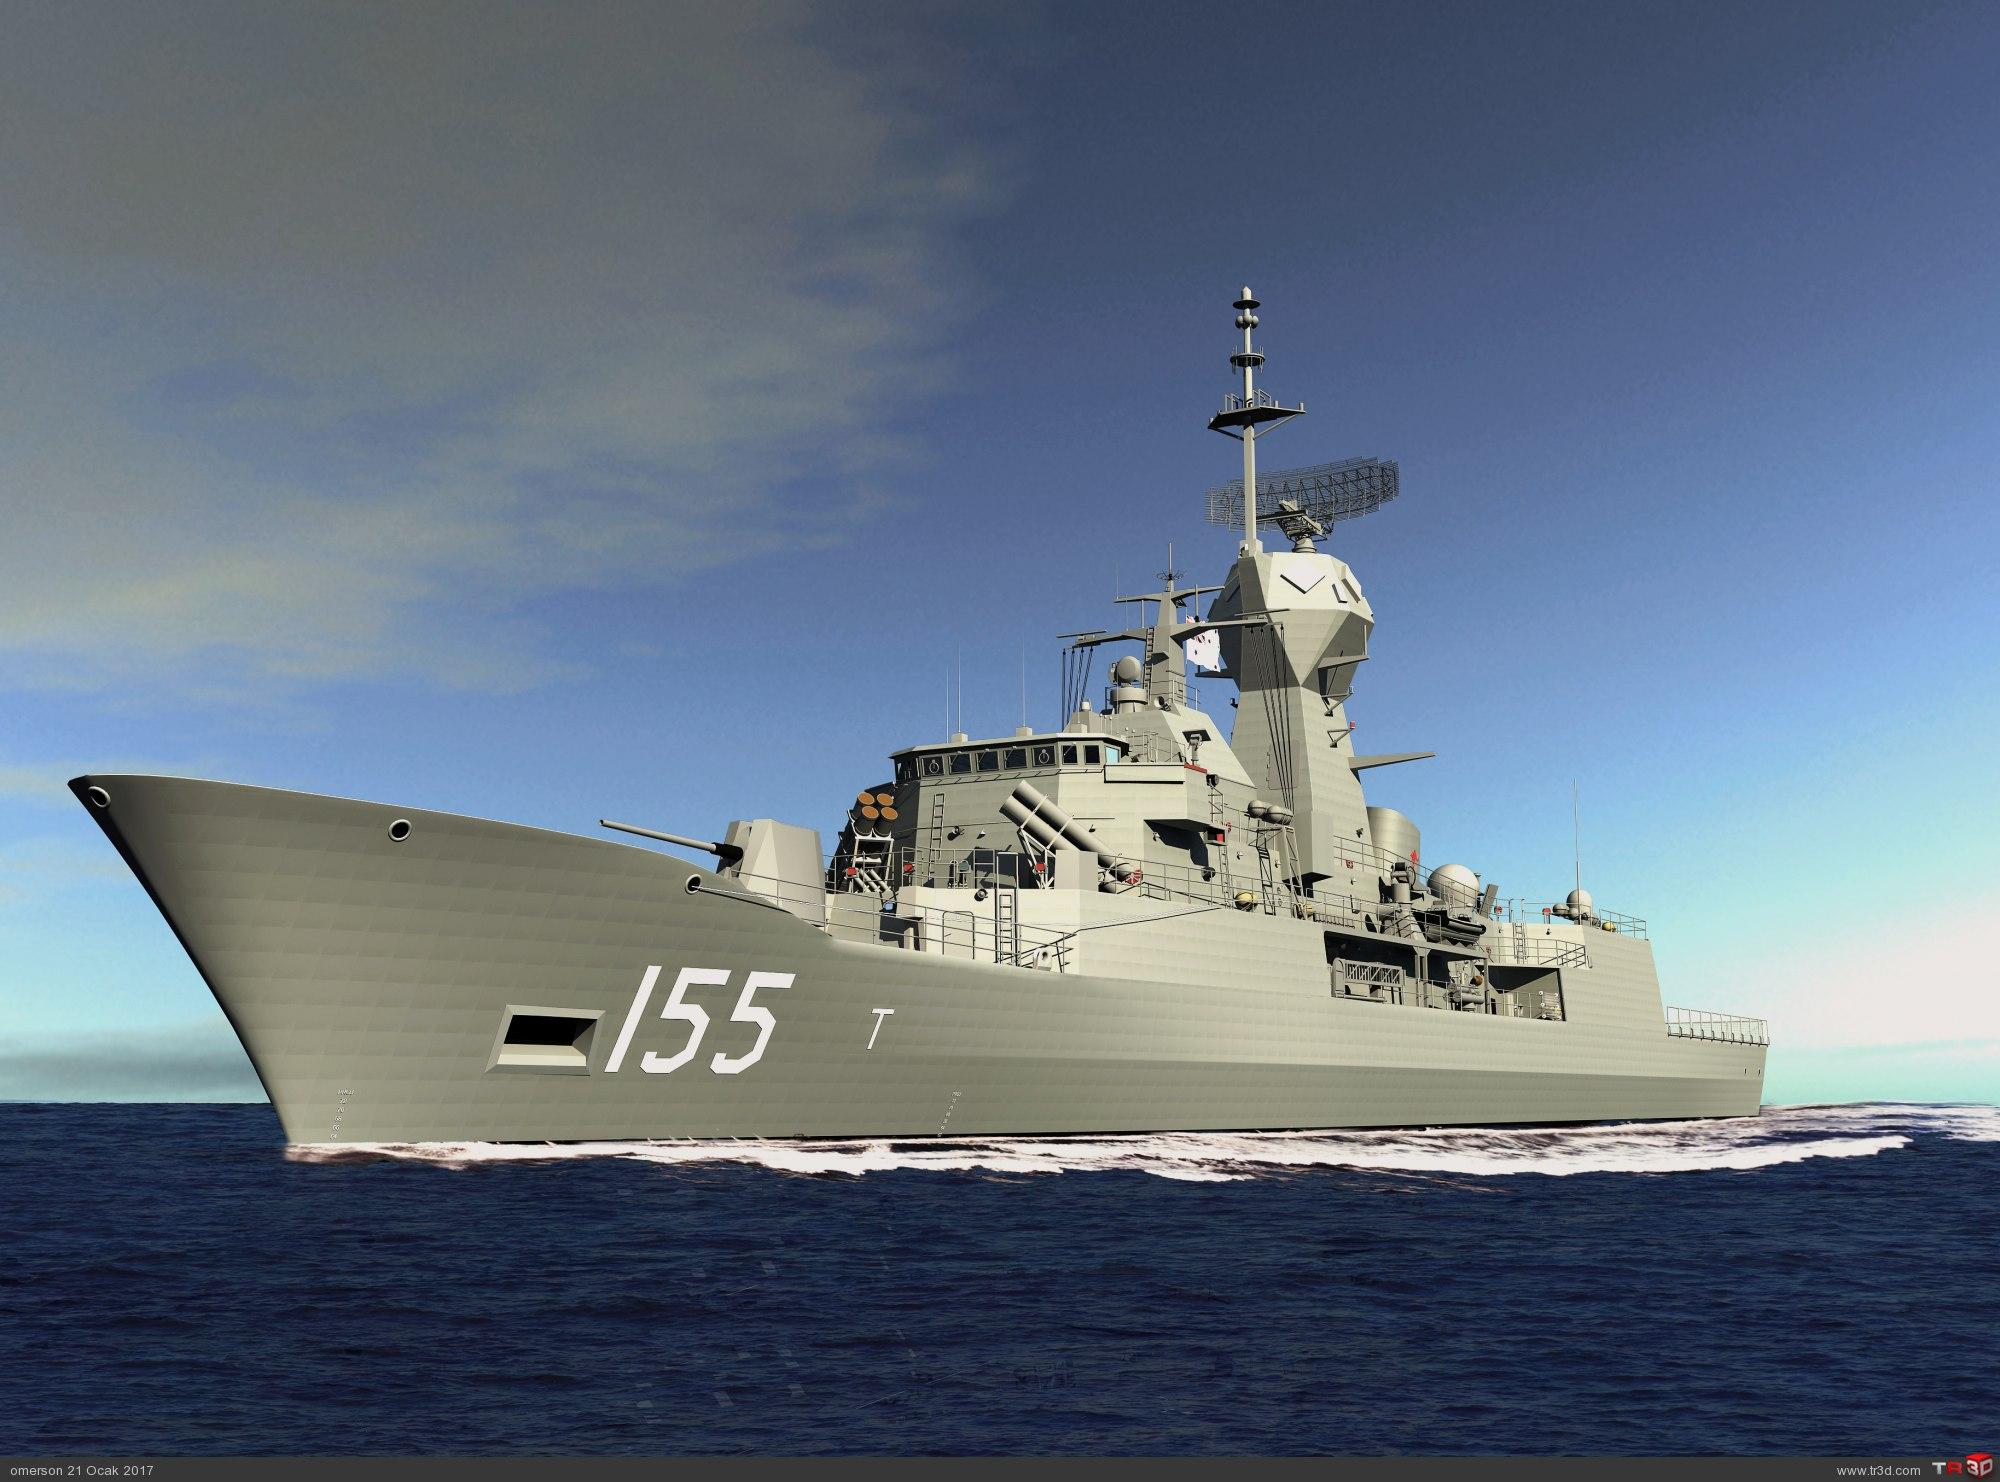 ANZAC CLASS FRIGATE HMAS BALLARAT 1